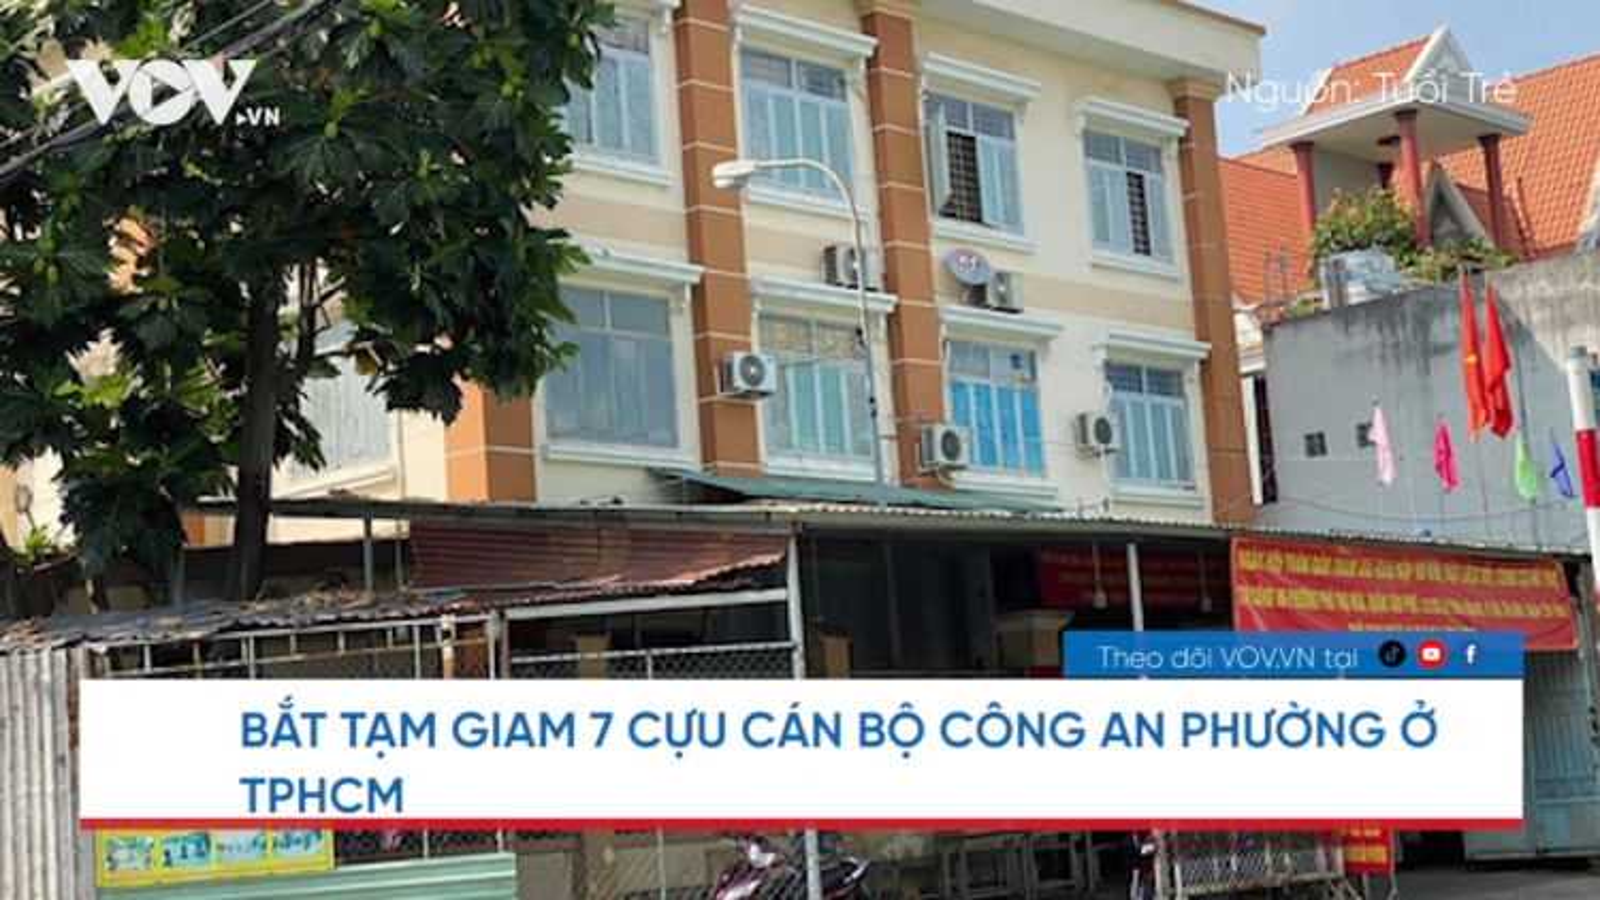 Nóng 24h: 7 cựu cán bộ công an phường ở TPHCM nhận tiền để làm sai hồ sơ vụ án